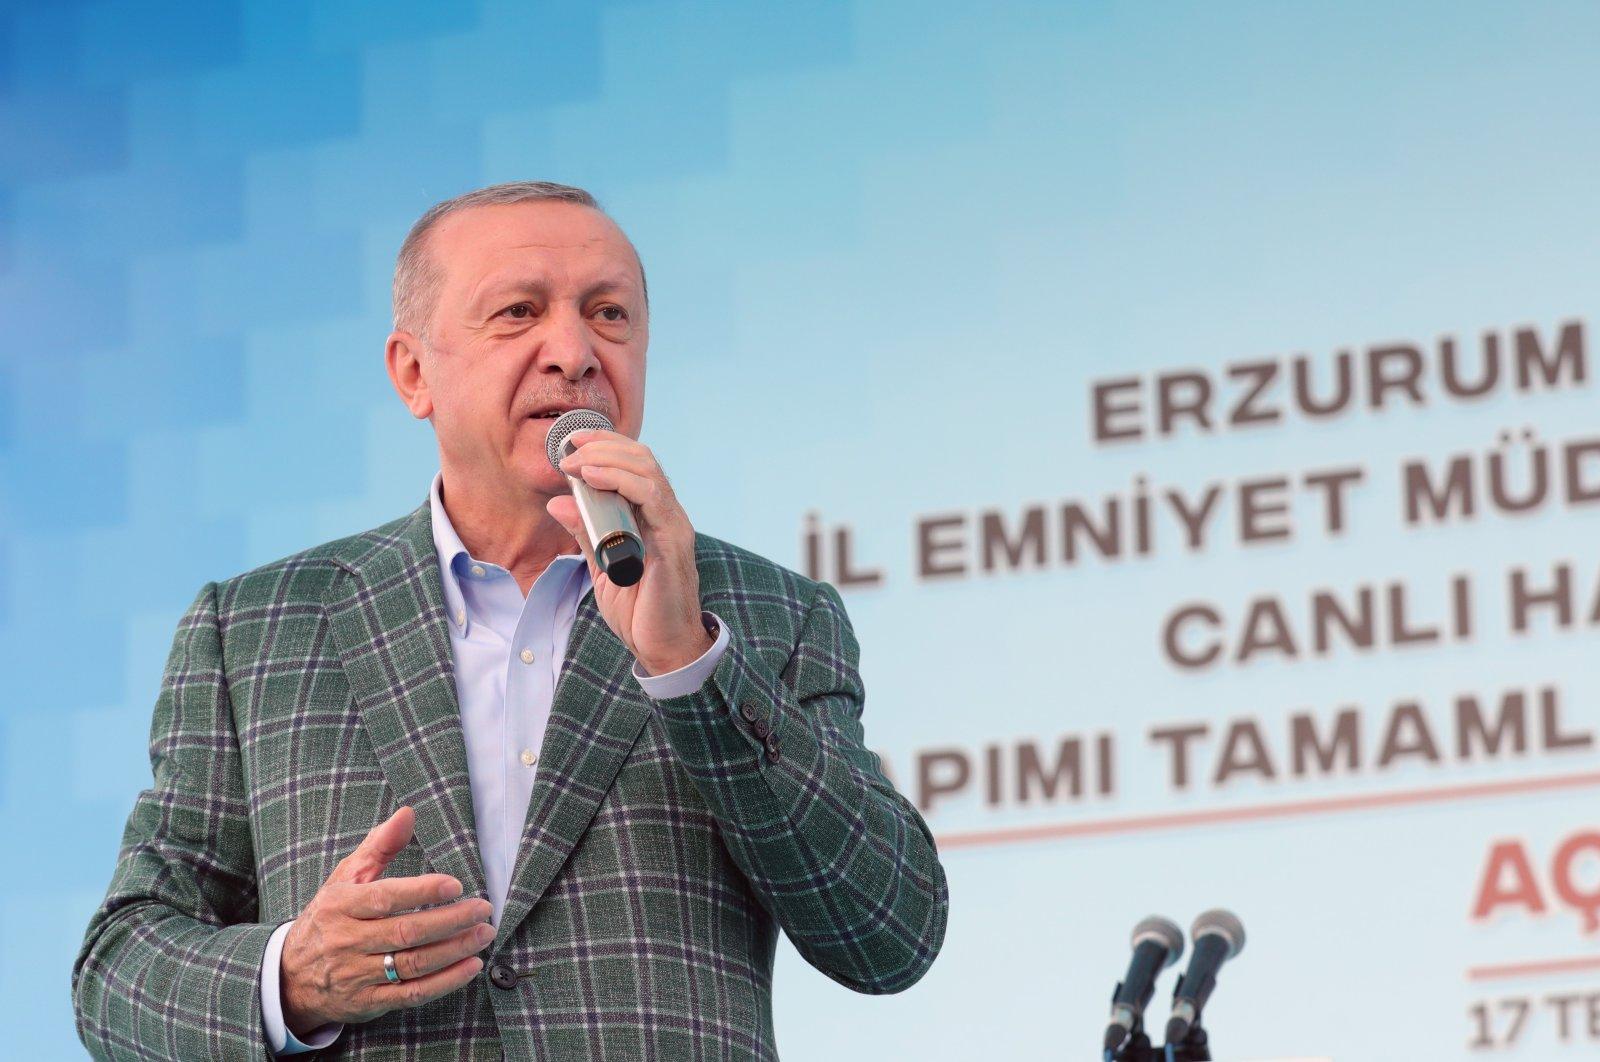 Erdoğan highlights normalization in Qurban Bayram message